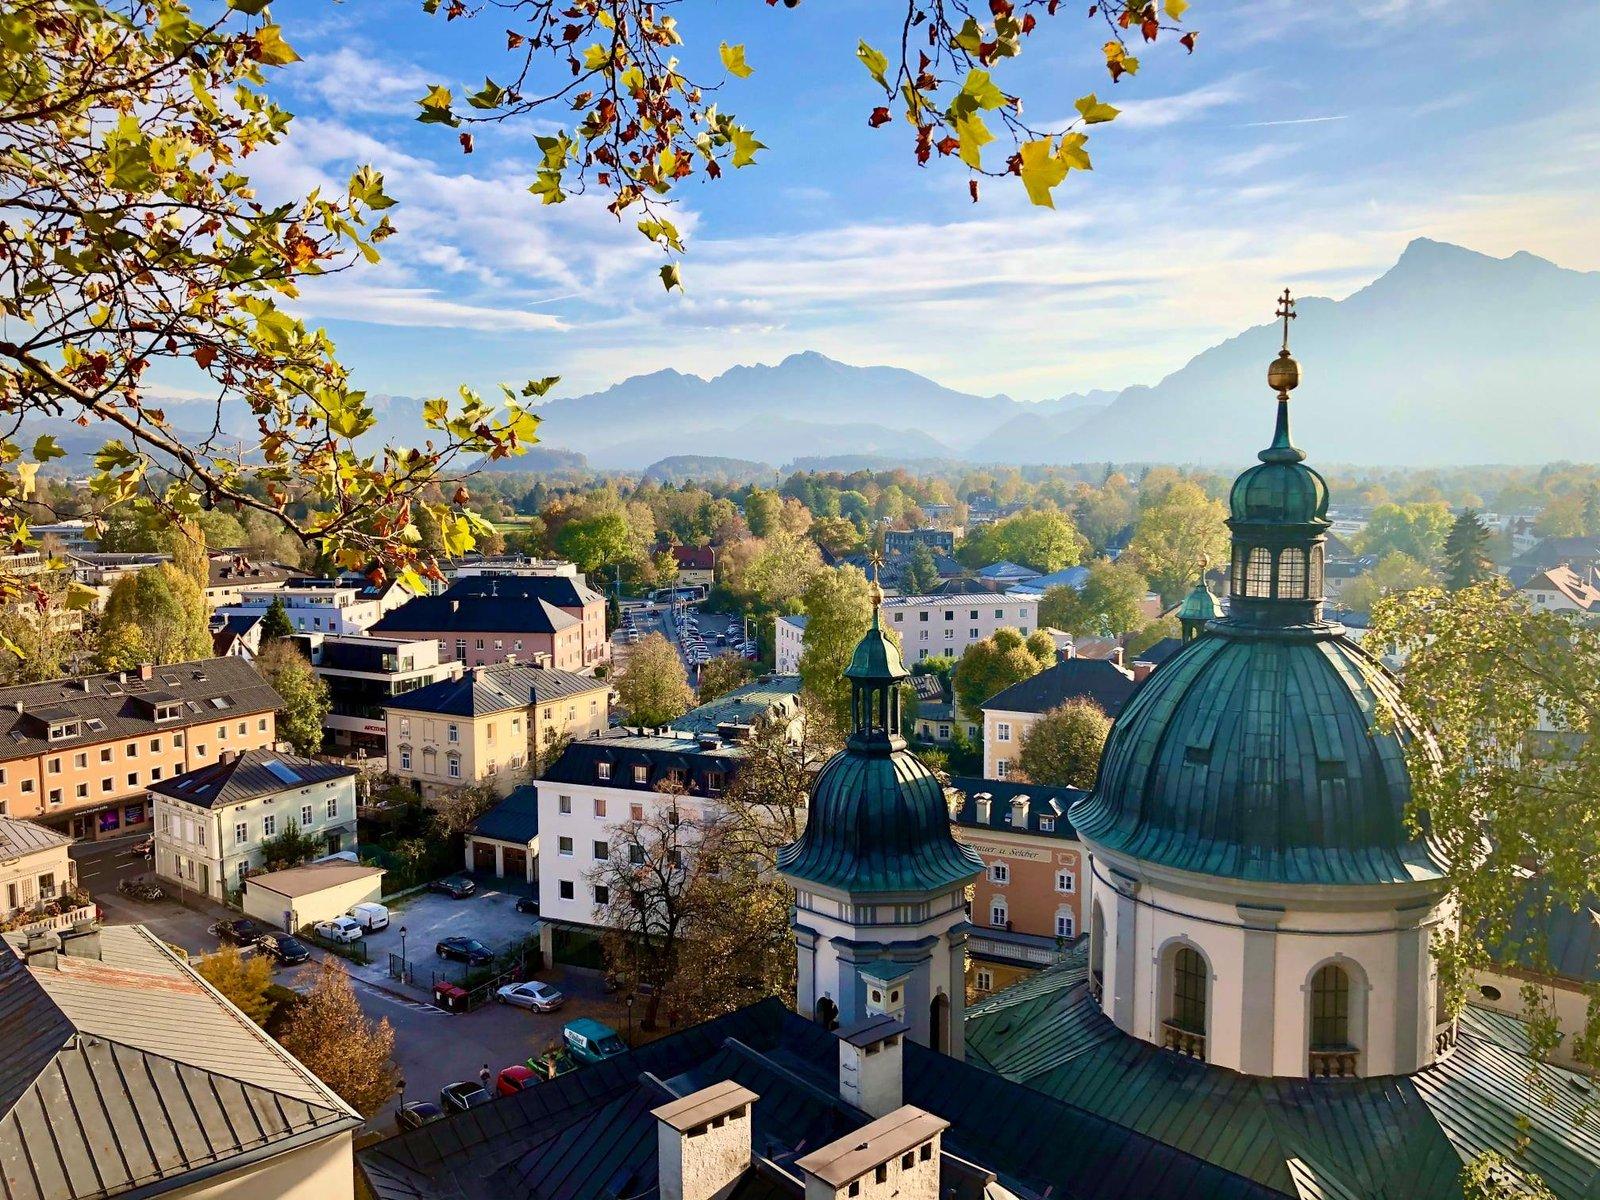 Nonnberg Abbey Salzburg Austria - Brillantmont trip to Austria